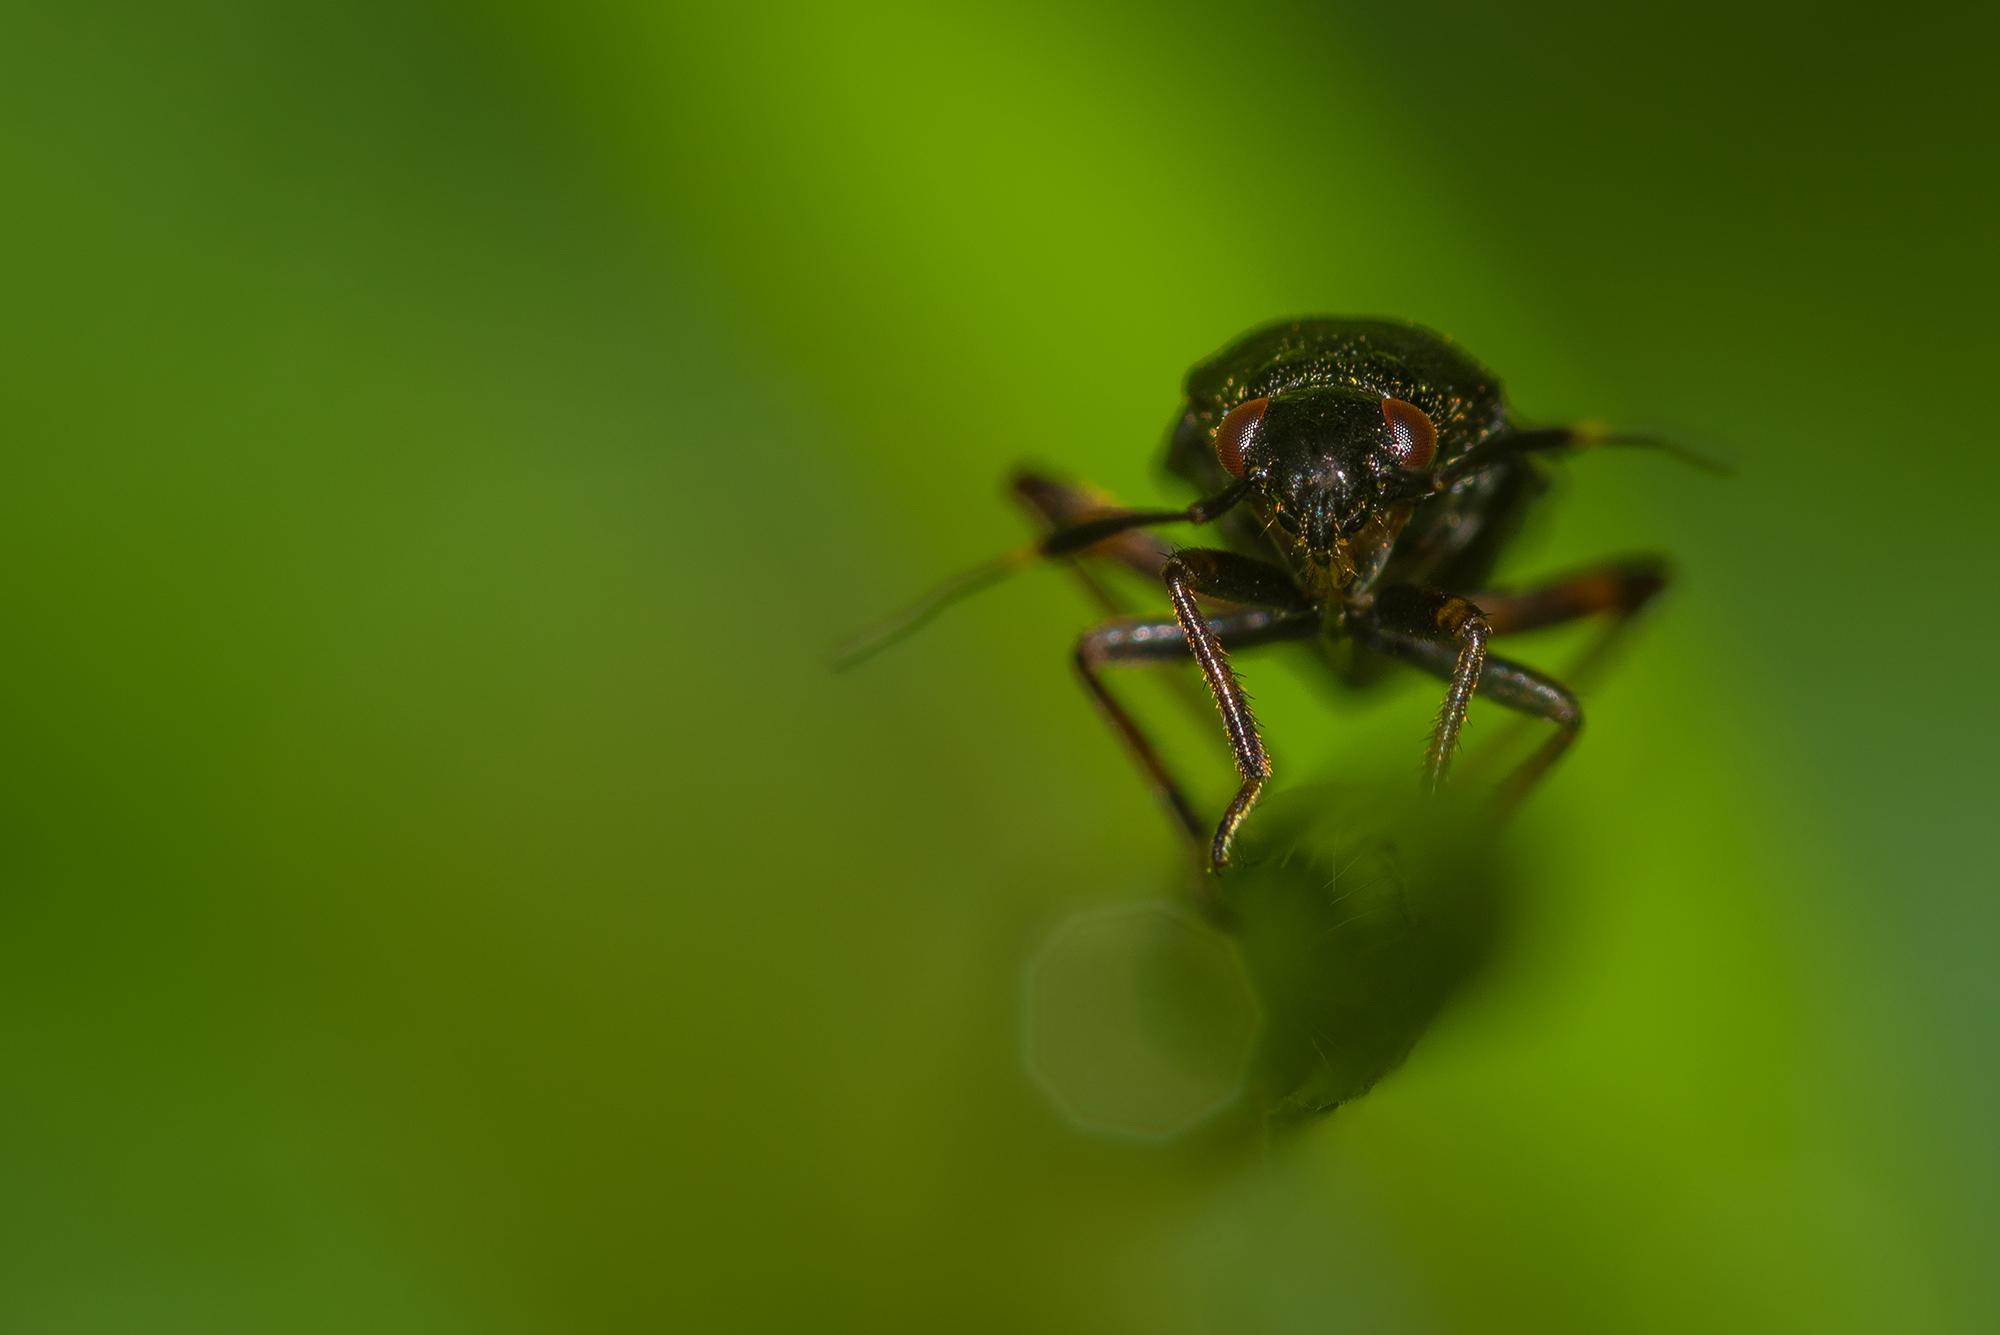 Portrait en macrophotographie d'un scarabée sur un brin d'herbe